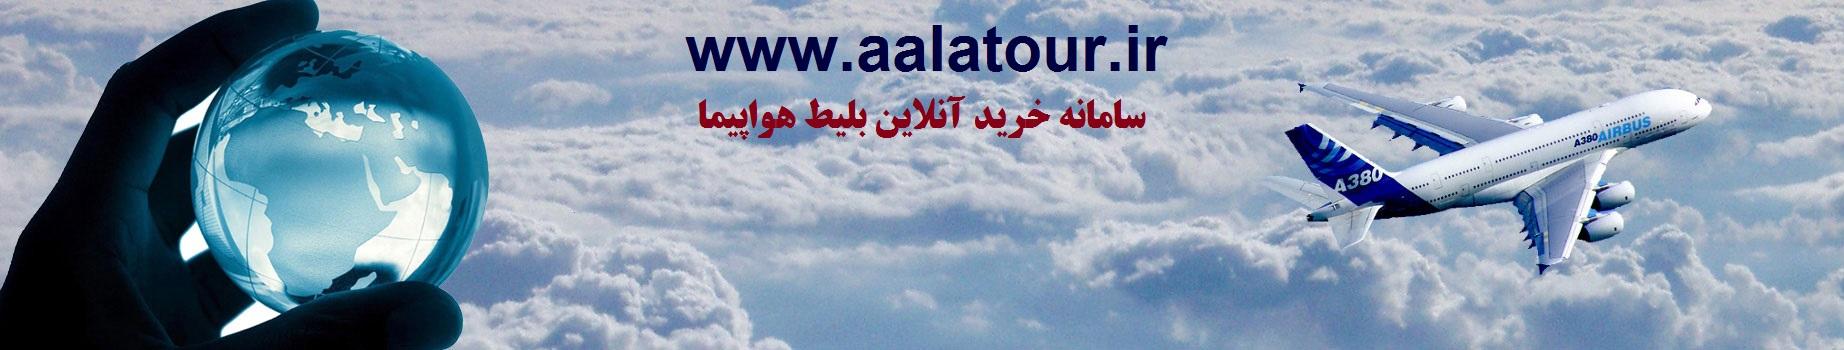 شرکت خدمات مسافرت هوائی،جهانگردی و زیارتی اعلاتور